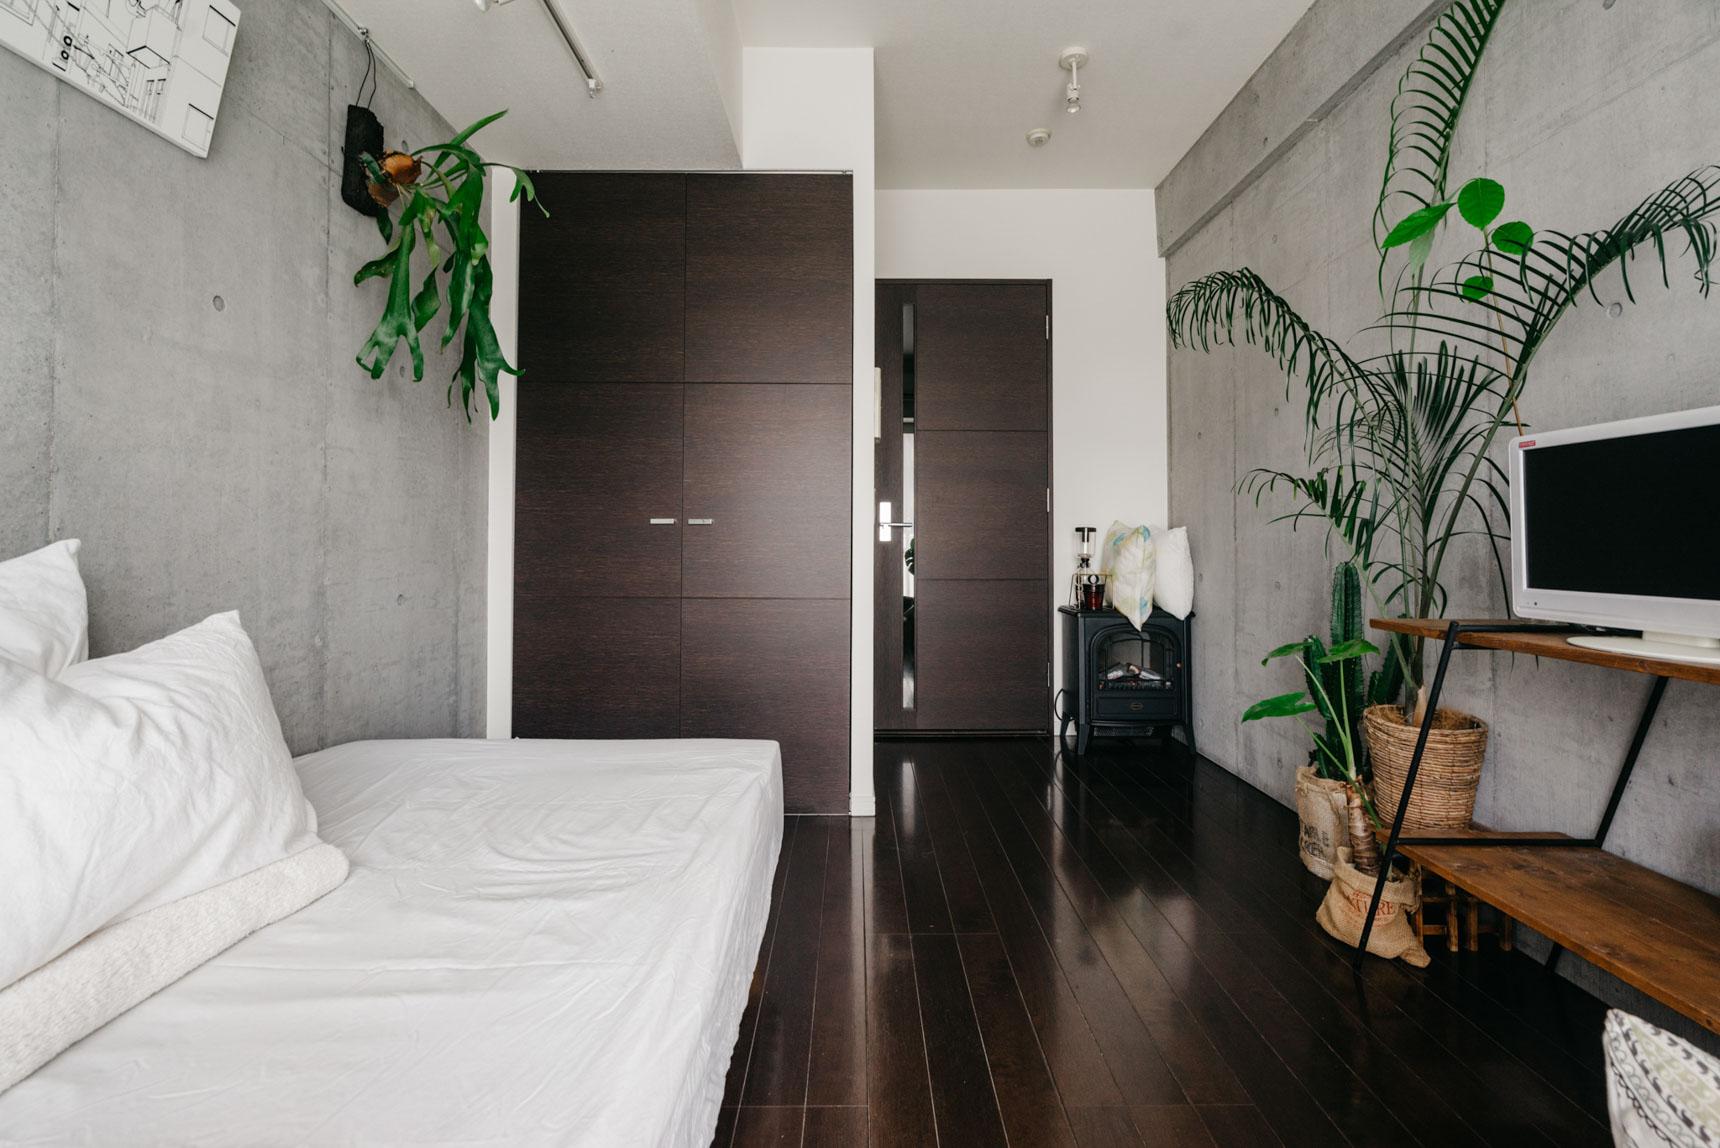 生活感を感じるアイテムは、収納の中へ。潔いまでにシンプルなお部屋。